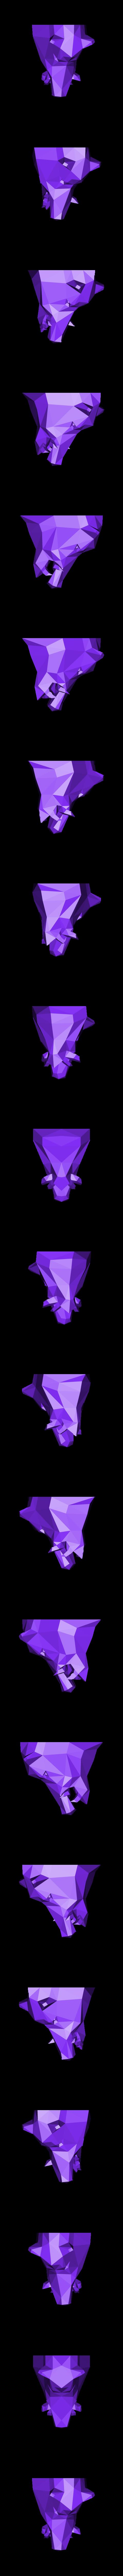 boars_head.stl Download 3DS file Boar Head Low Poly • 3D print model, Skazok